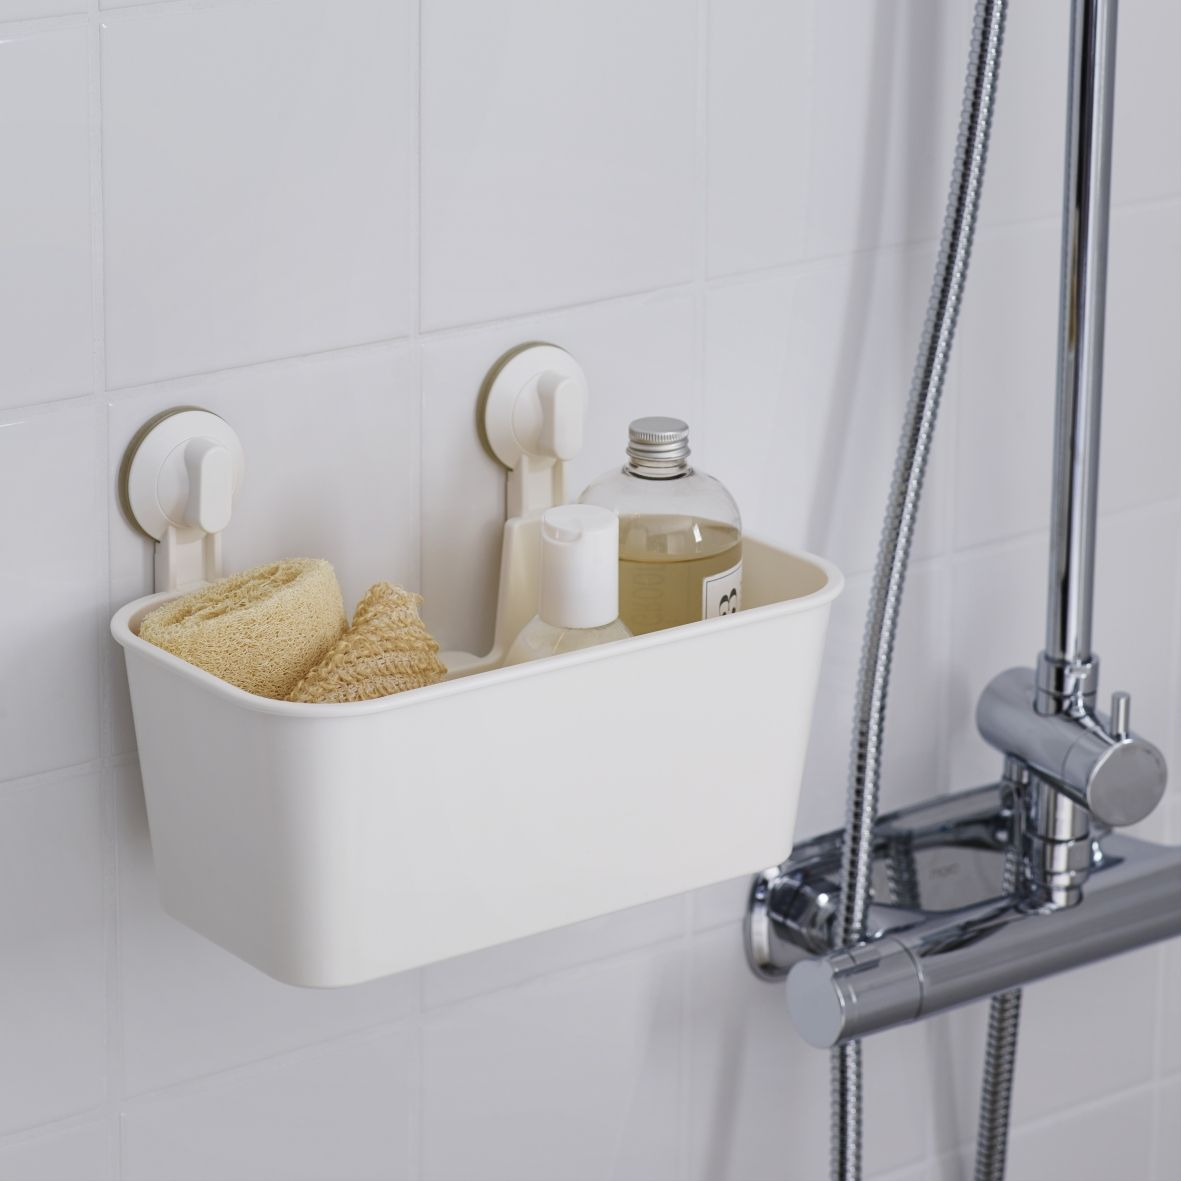 stugvik mand win stel jouw favoriete slaap en badkamer samen